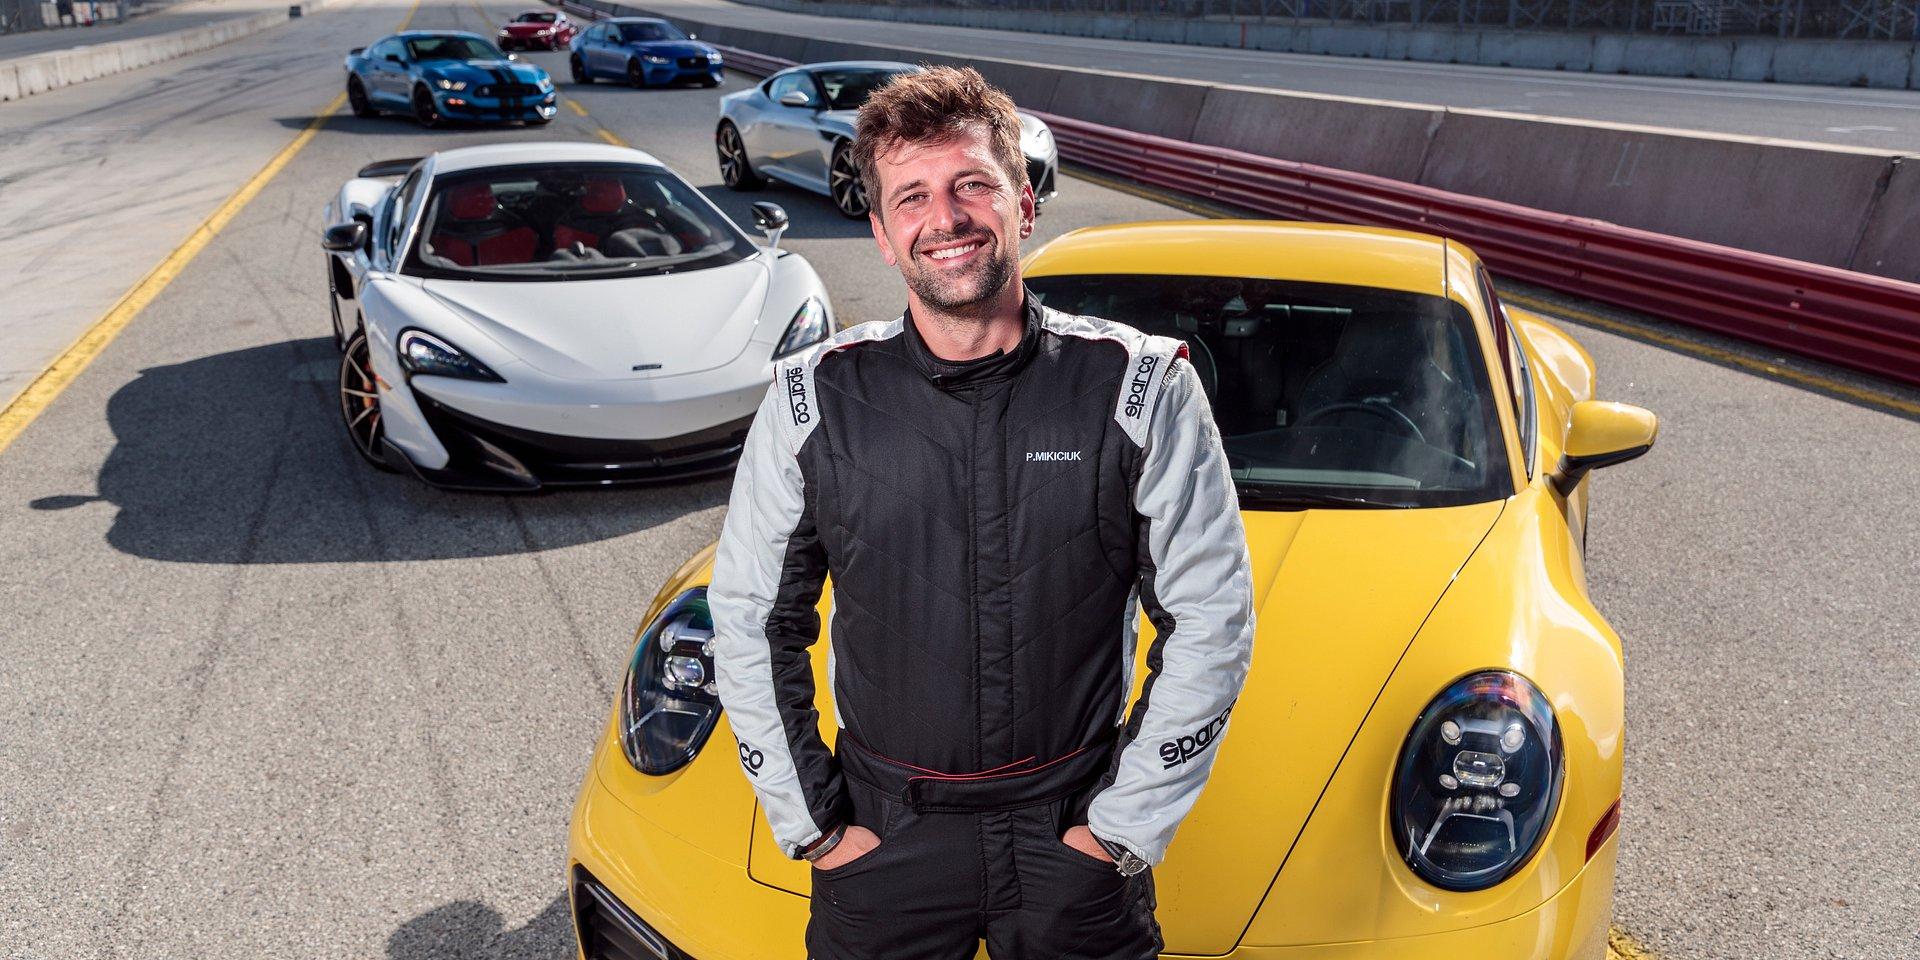 """Wyjątkowy odcinek """"Best Driver's Car"""" z Patrykiem Mikiciukiem już dzisiaj w MotorTrend tylko w player.pl!"""